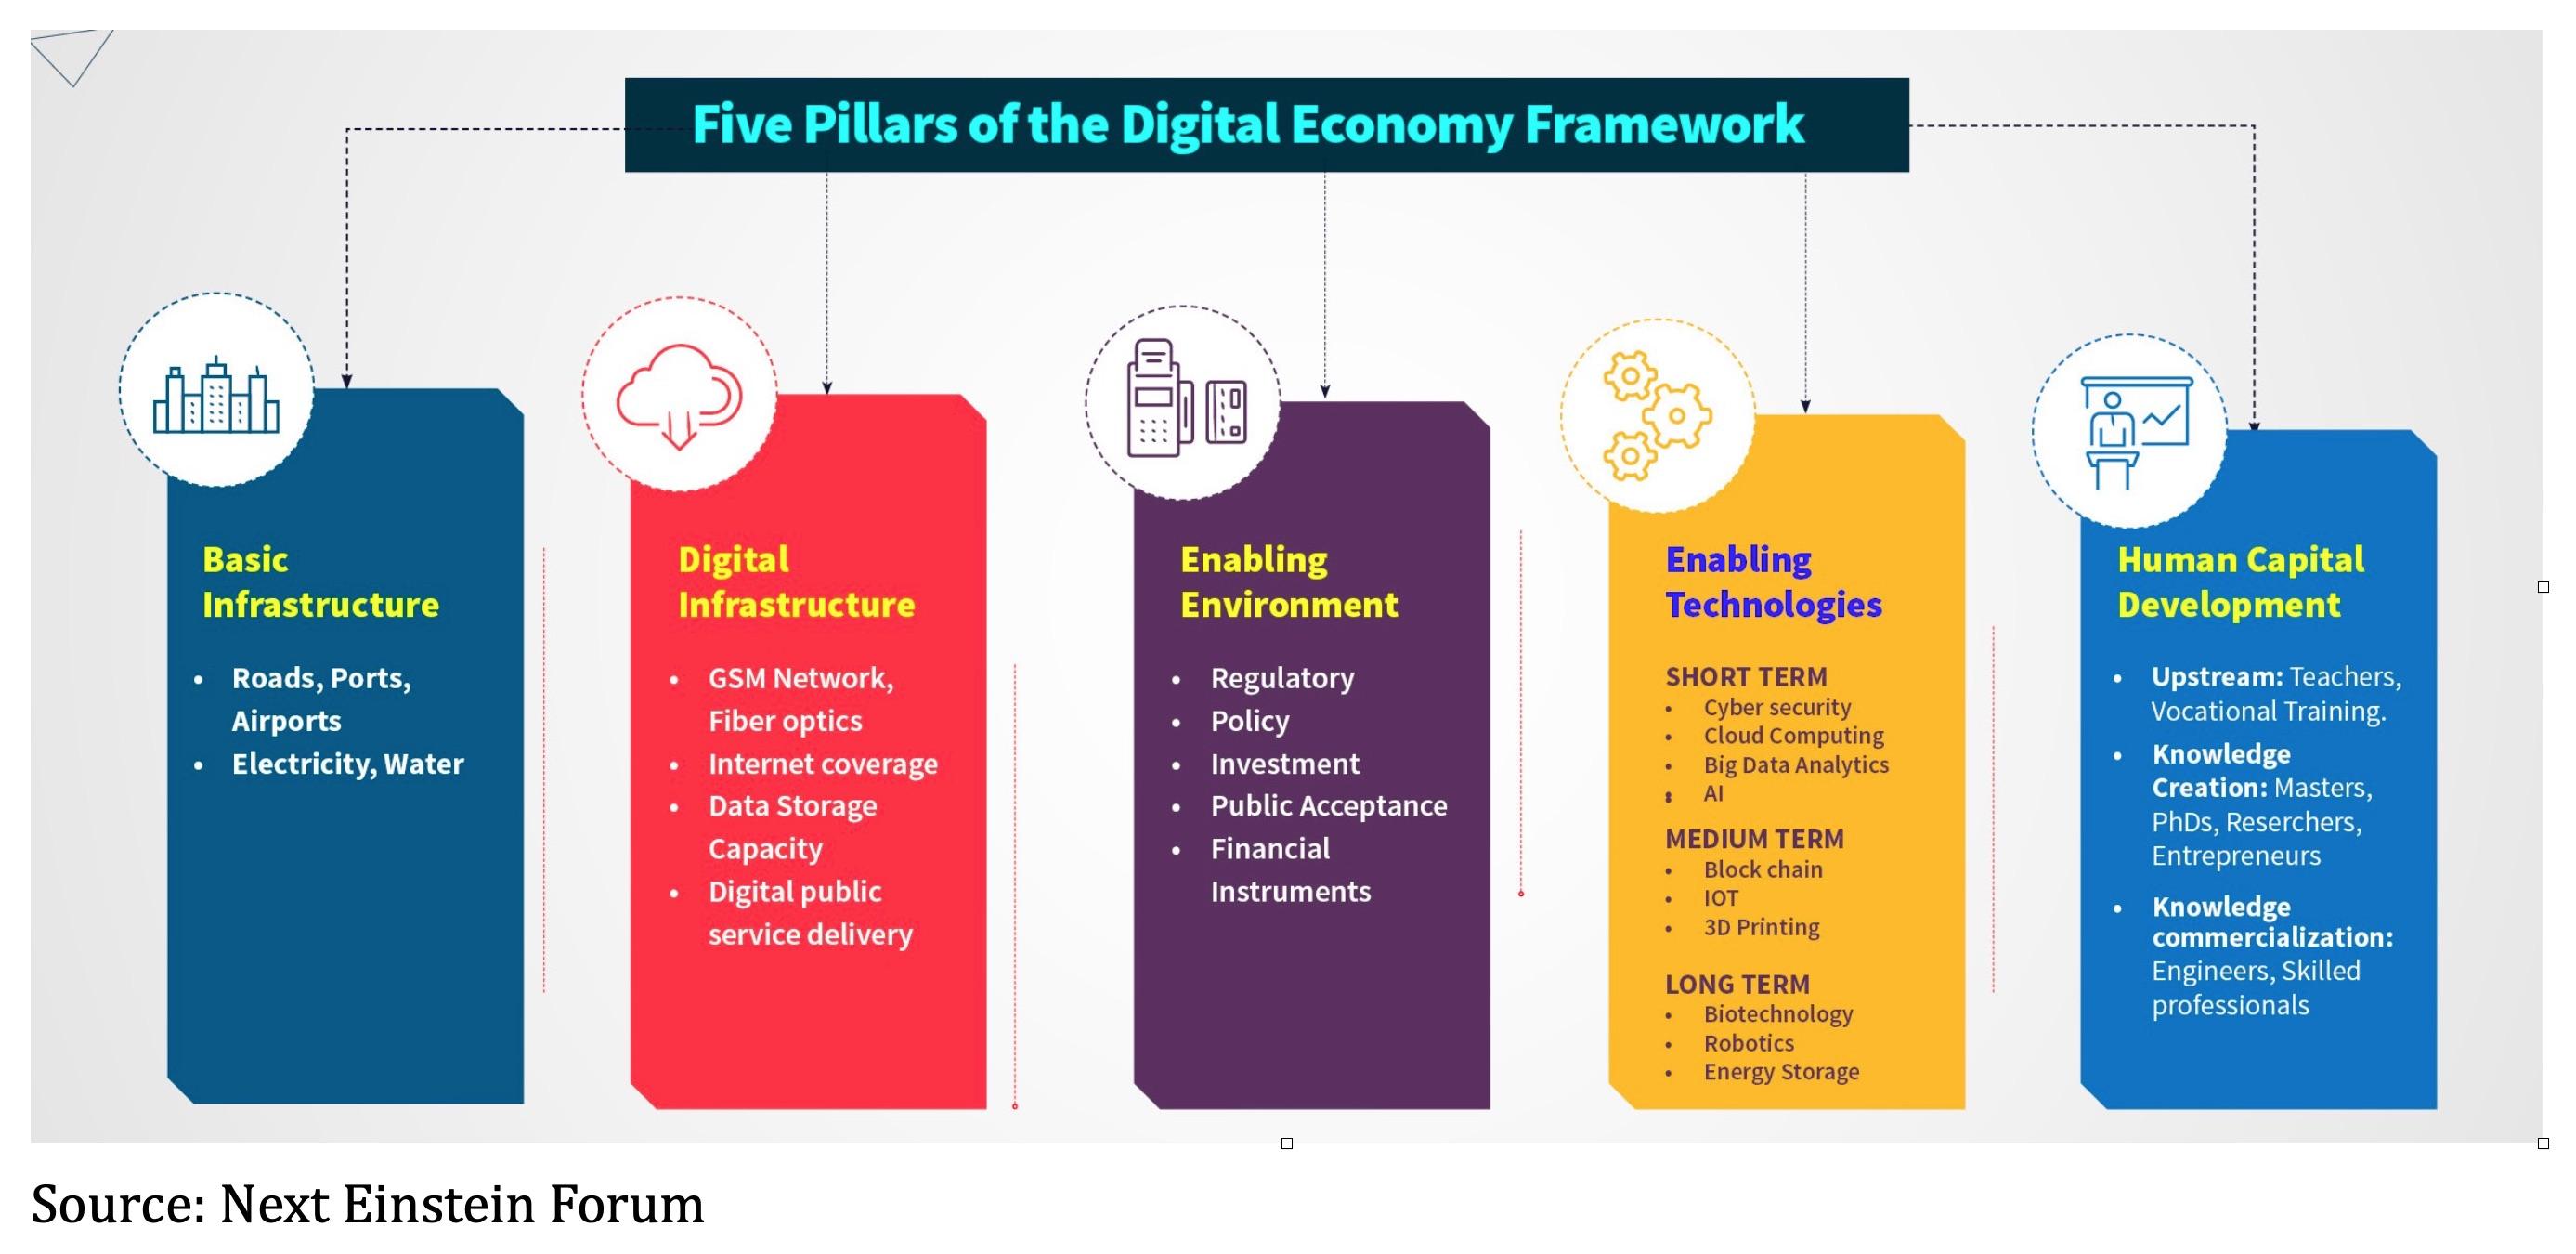 Five Pillars Of Digital Framework Source : Next Einstein Forum